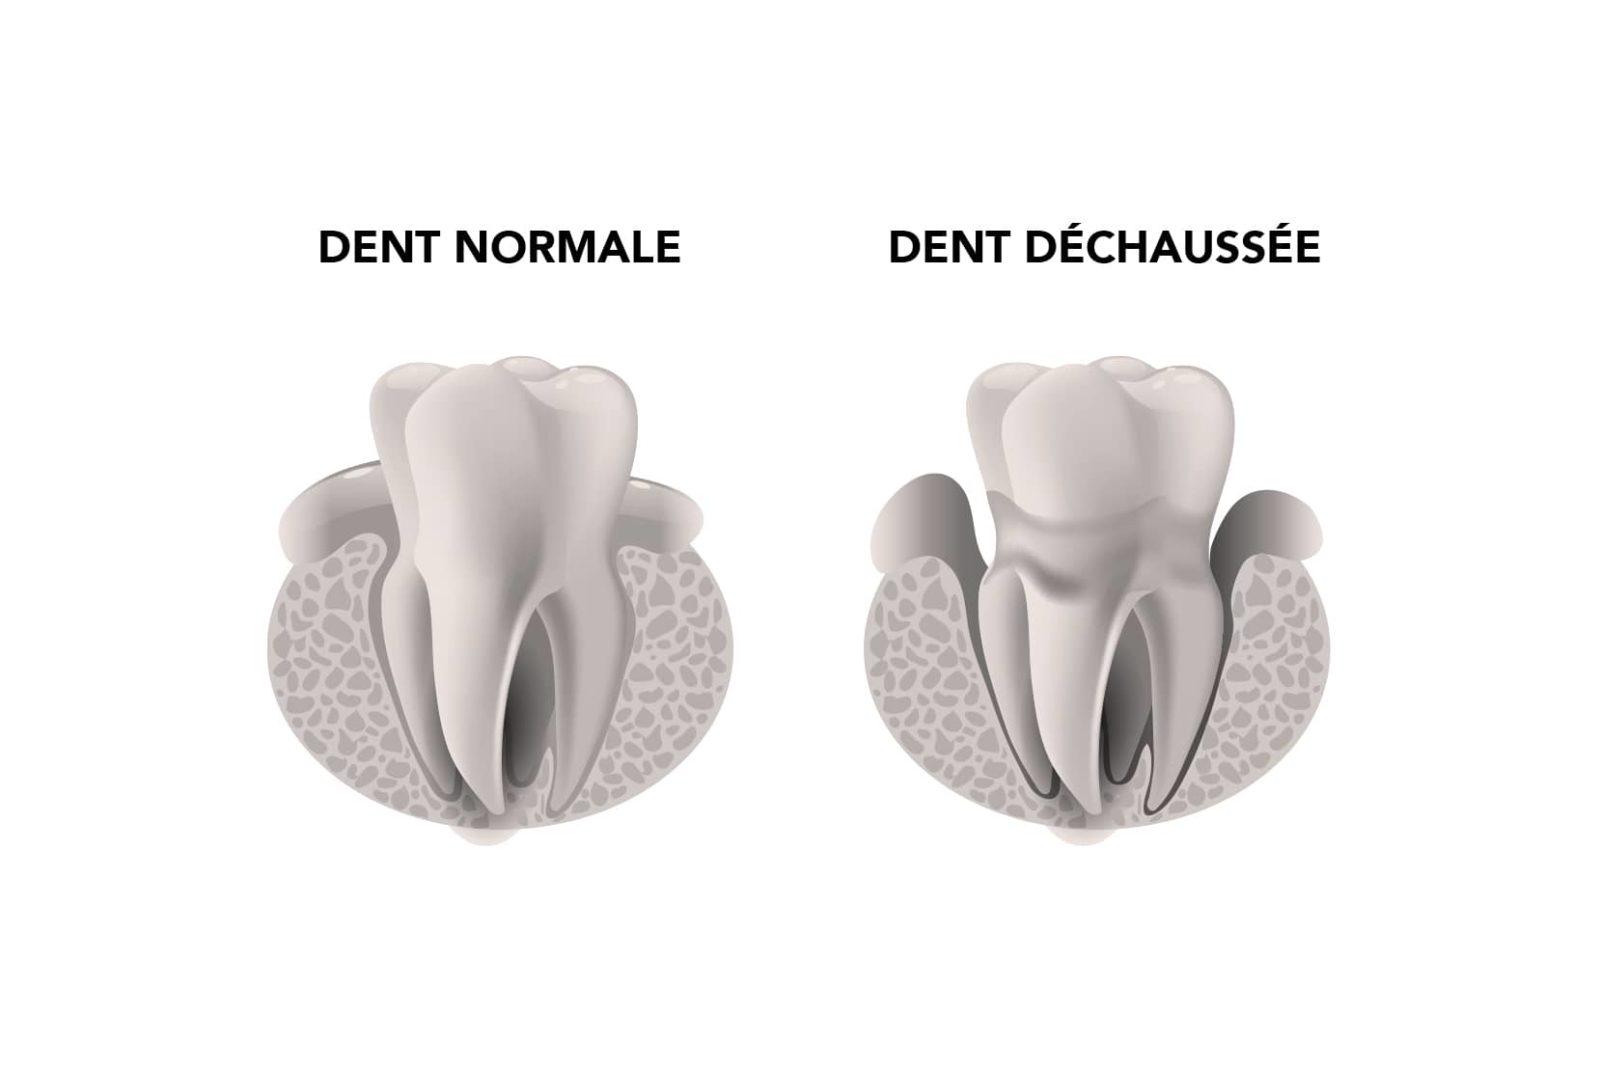 Traitement du déchaussement dentaire à Lyon - Dr Serge Sobol